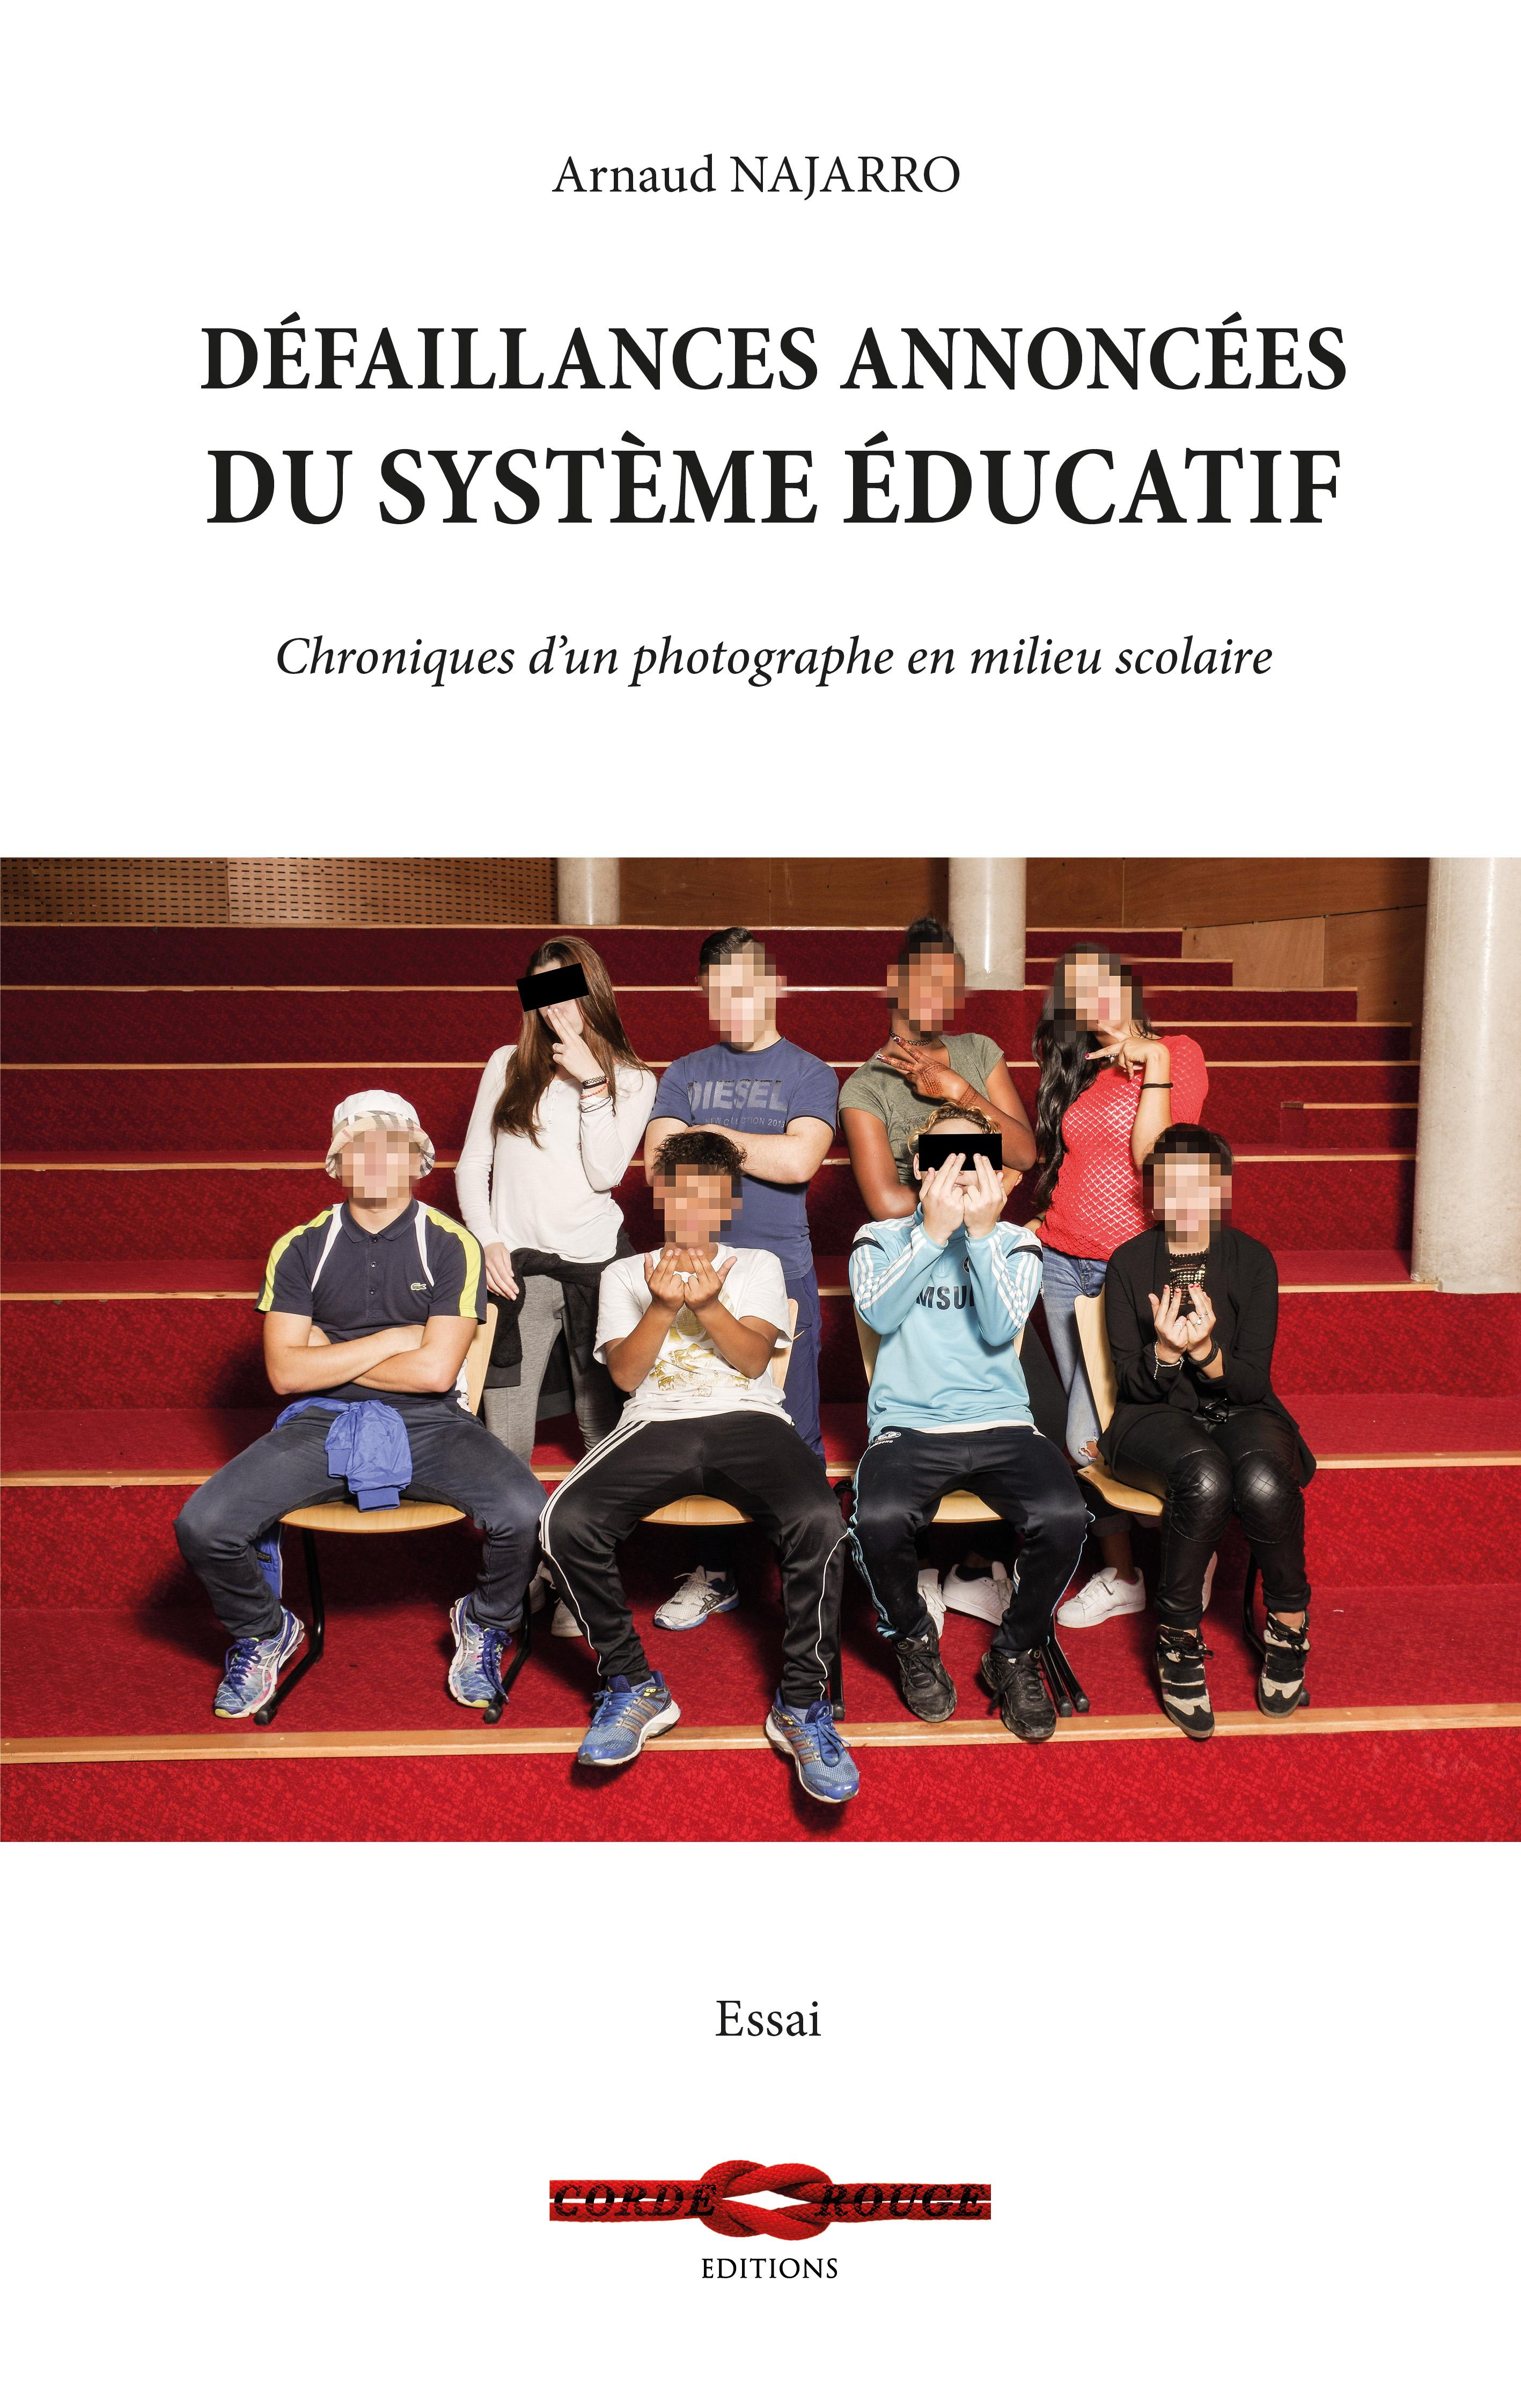 Défaillances annoncées du système éducatif, CHRONIQUES D'UN PHOTOGRAPHE EN MILIEU SCOLAIRE